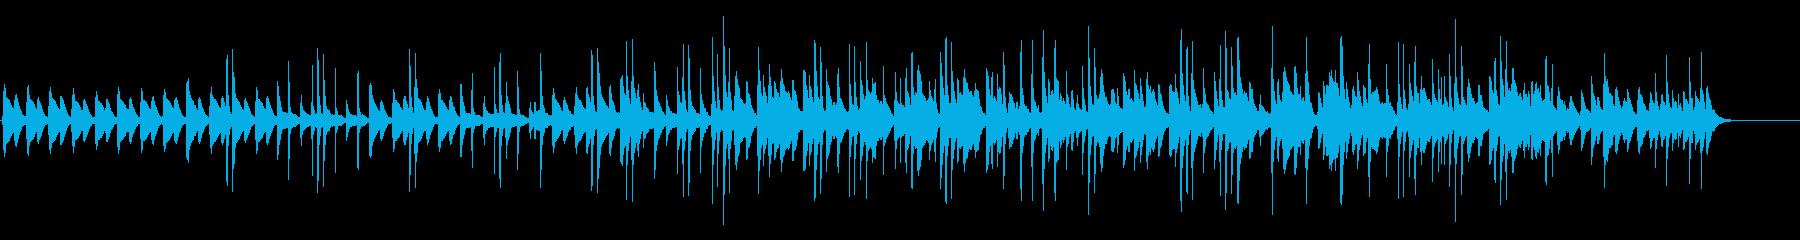 アンビエントミュージック ファンタ...の再生済みの波形